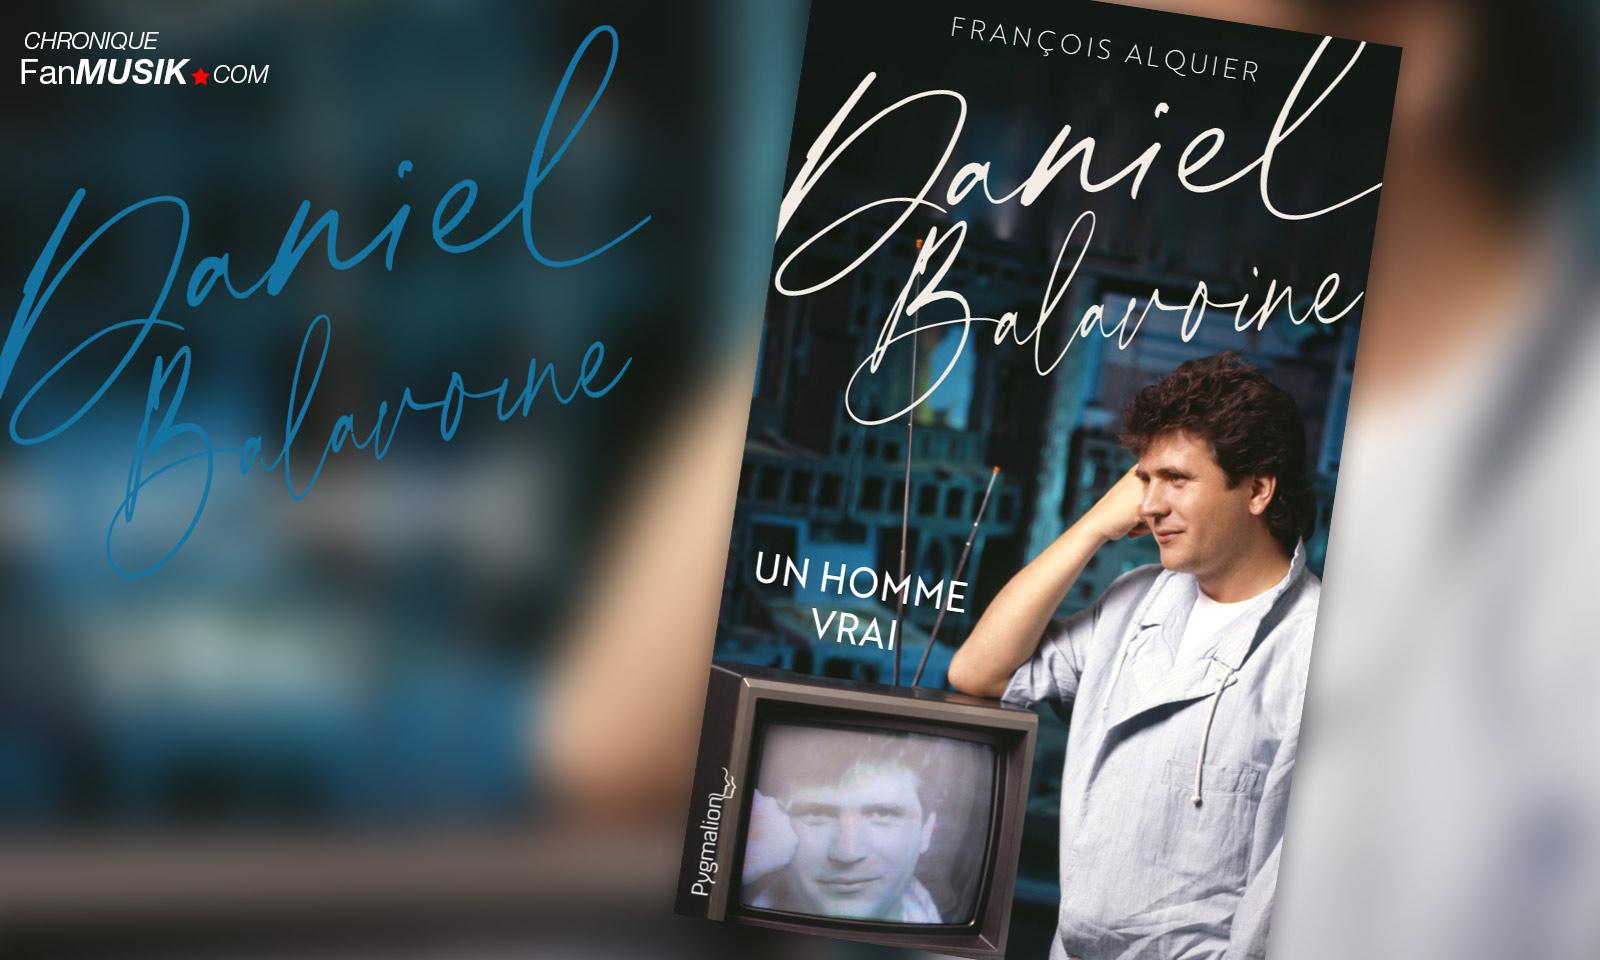 Daniel Balavoine Un homme vrai, François Alquier